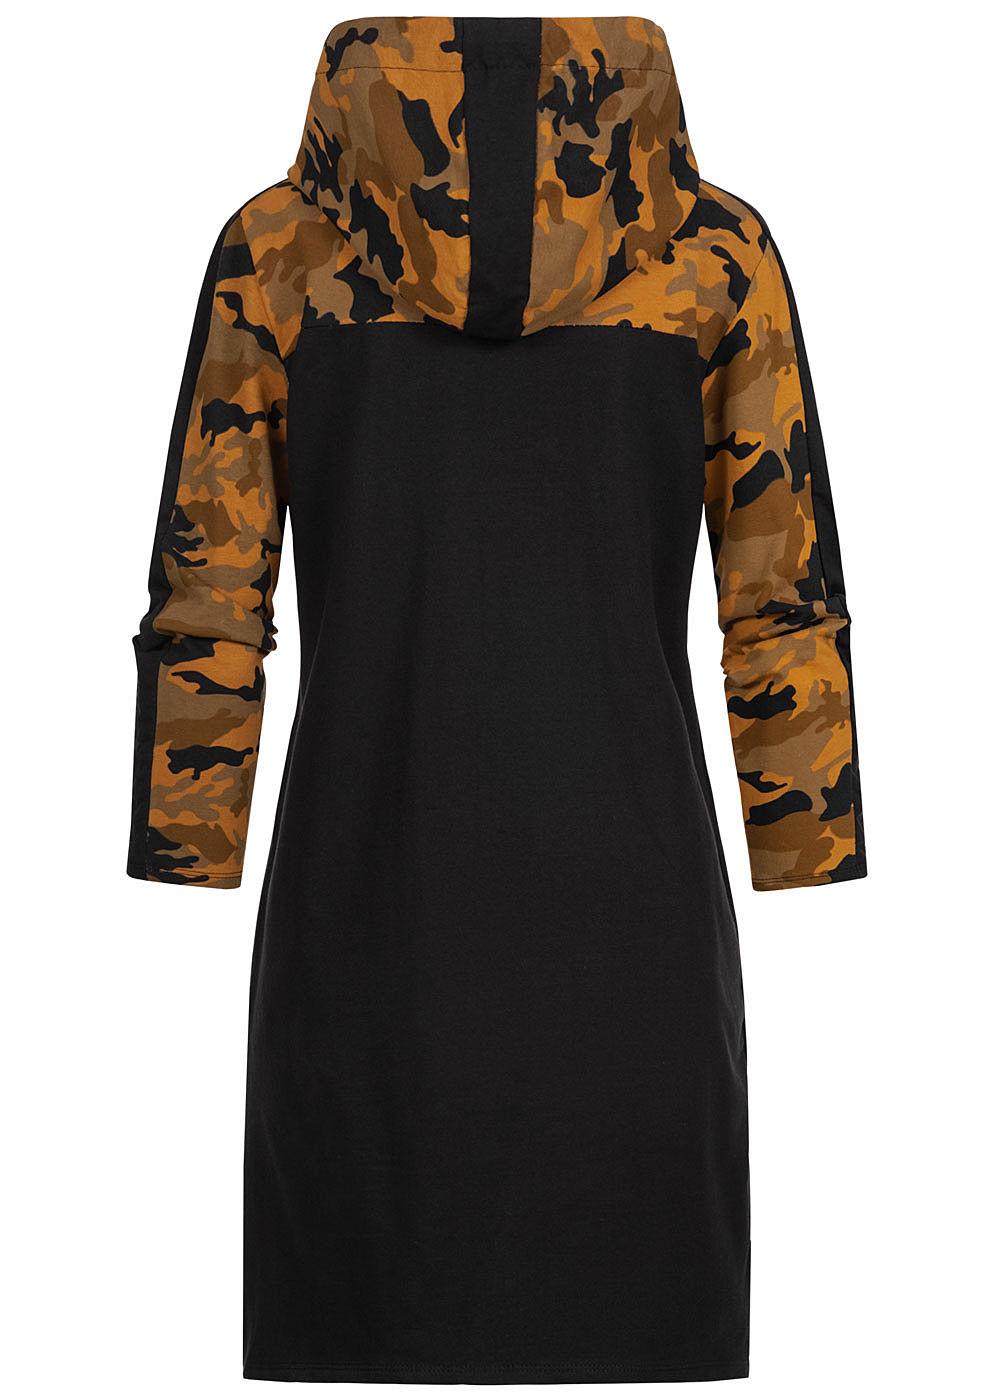 20 Erstaunlich Kleid Schwarz Gelb Design - Abendkleid